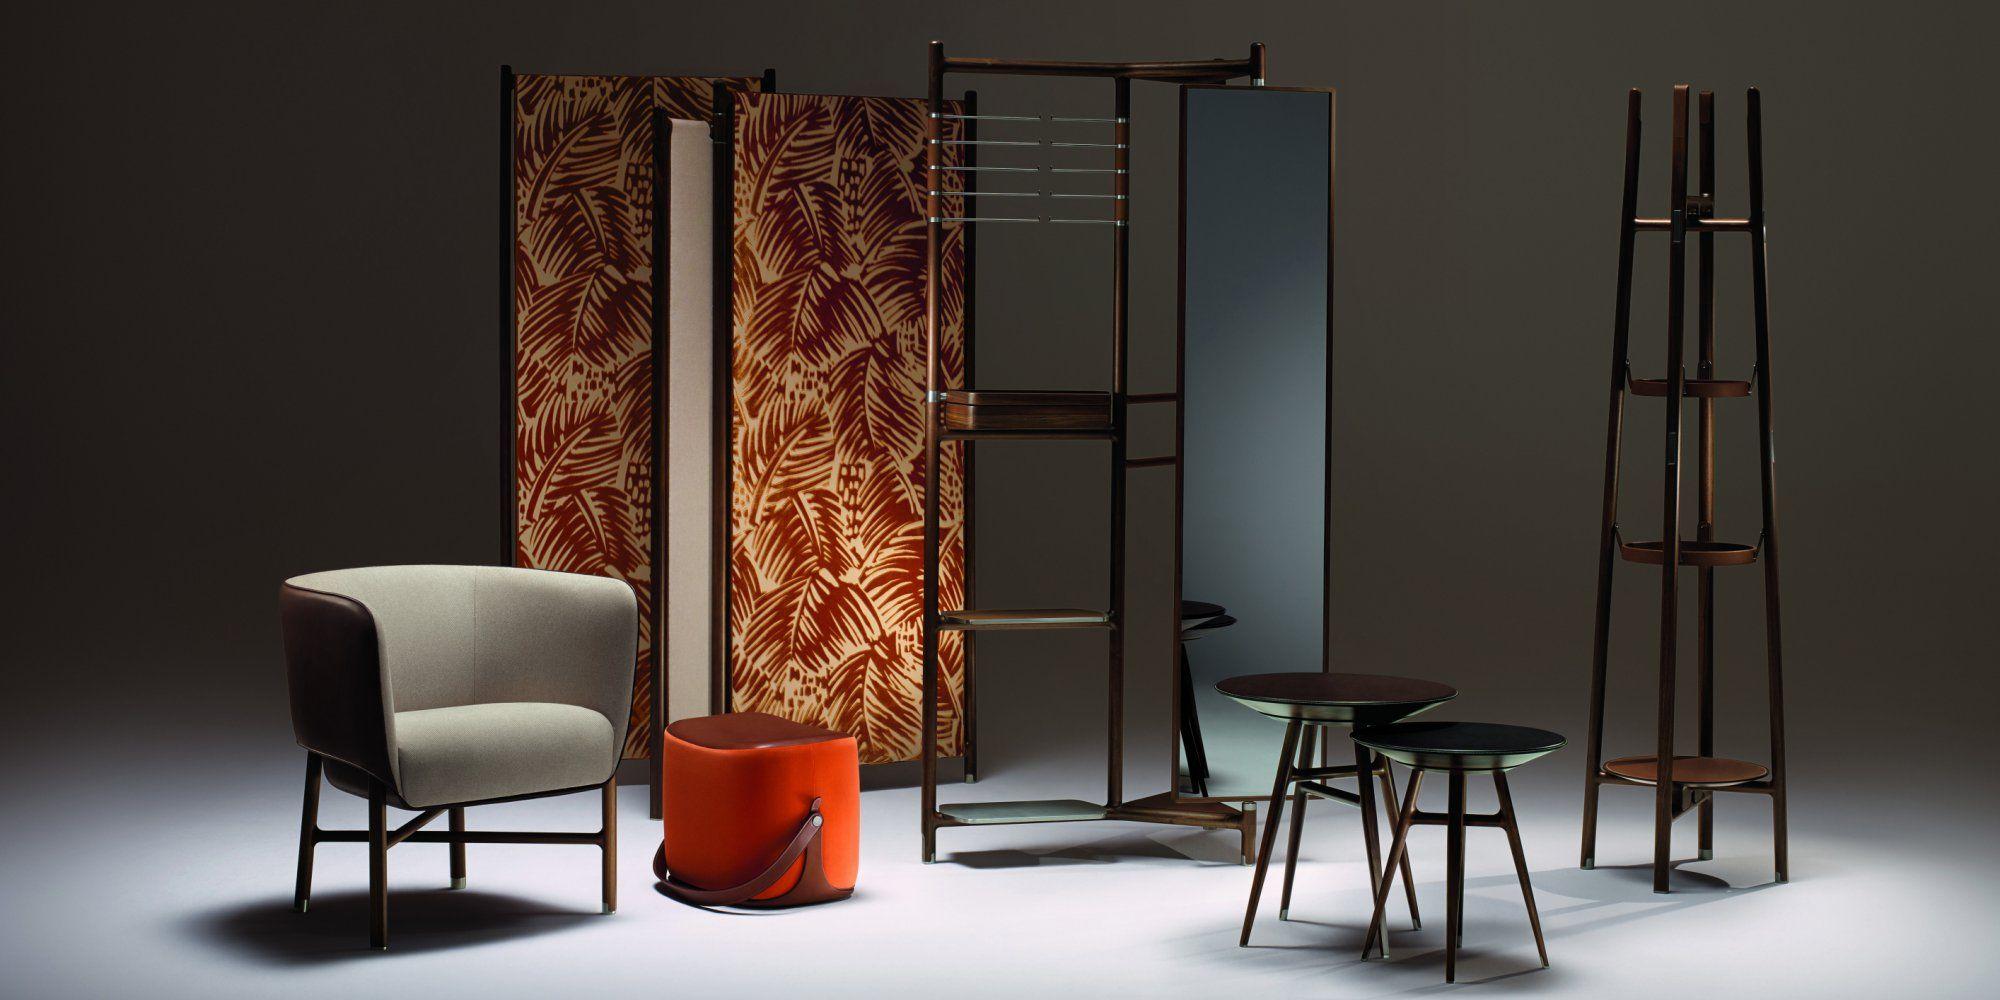 Une Gamme Luxueuse Et Fonctionnelle Mobilier De Salon Mobilier Maison Interieur Moderne